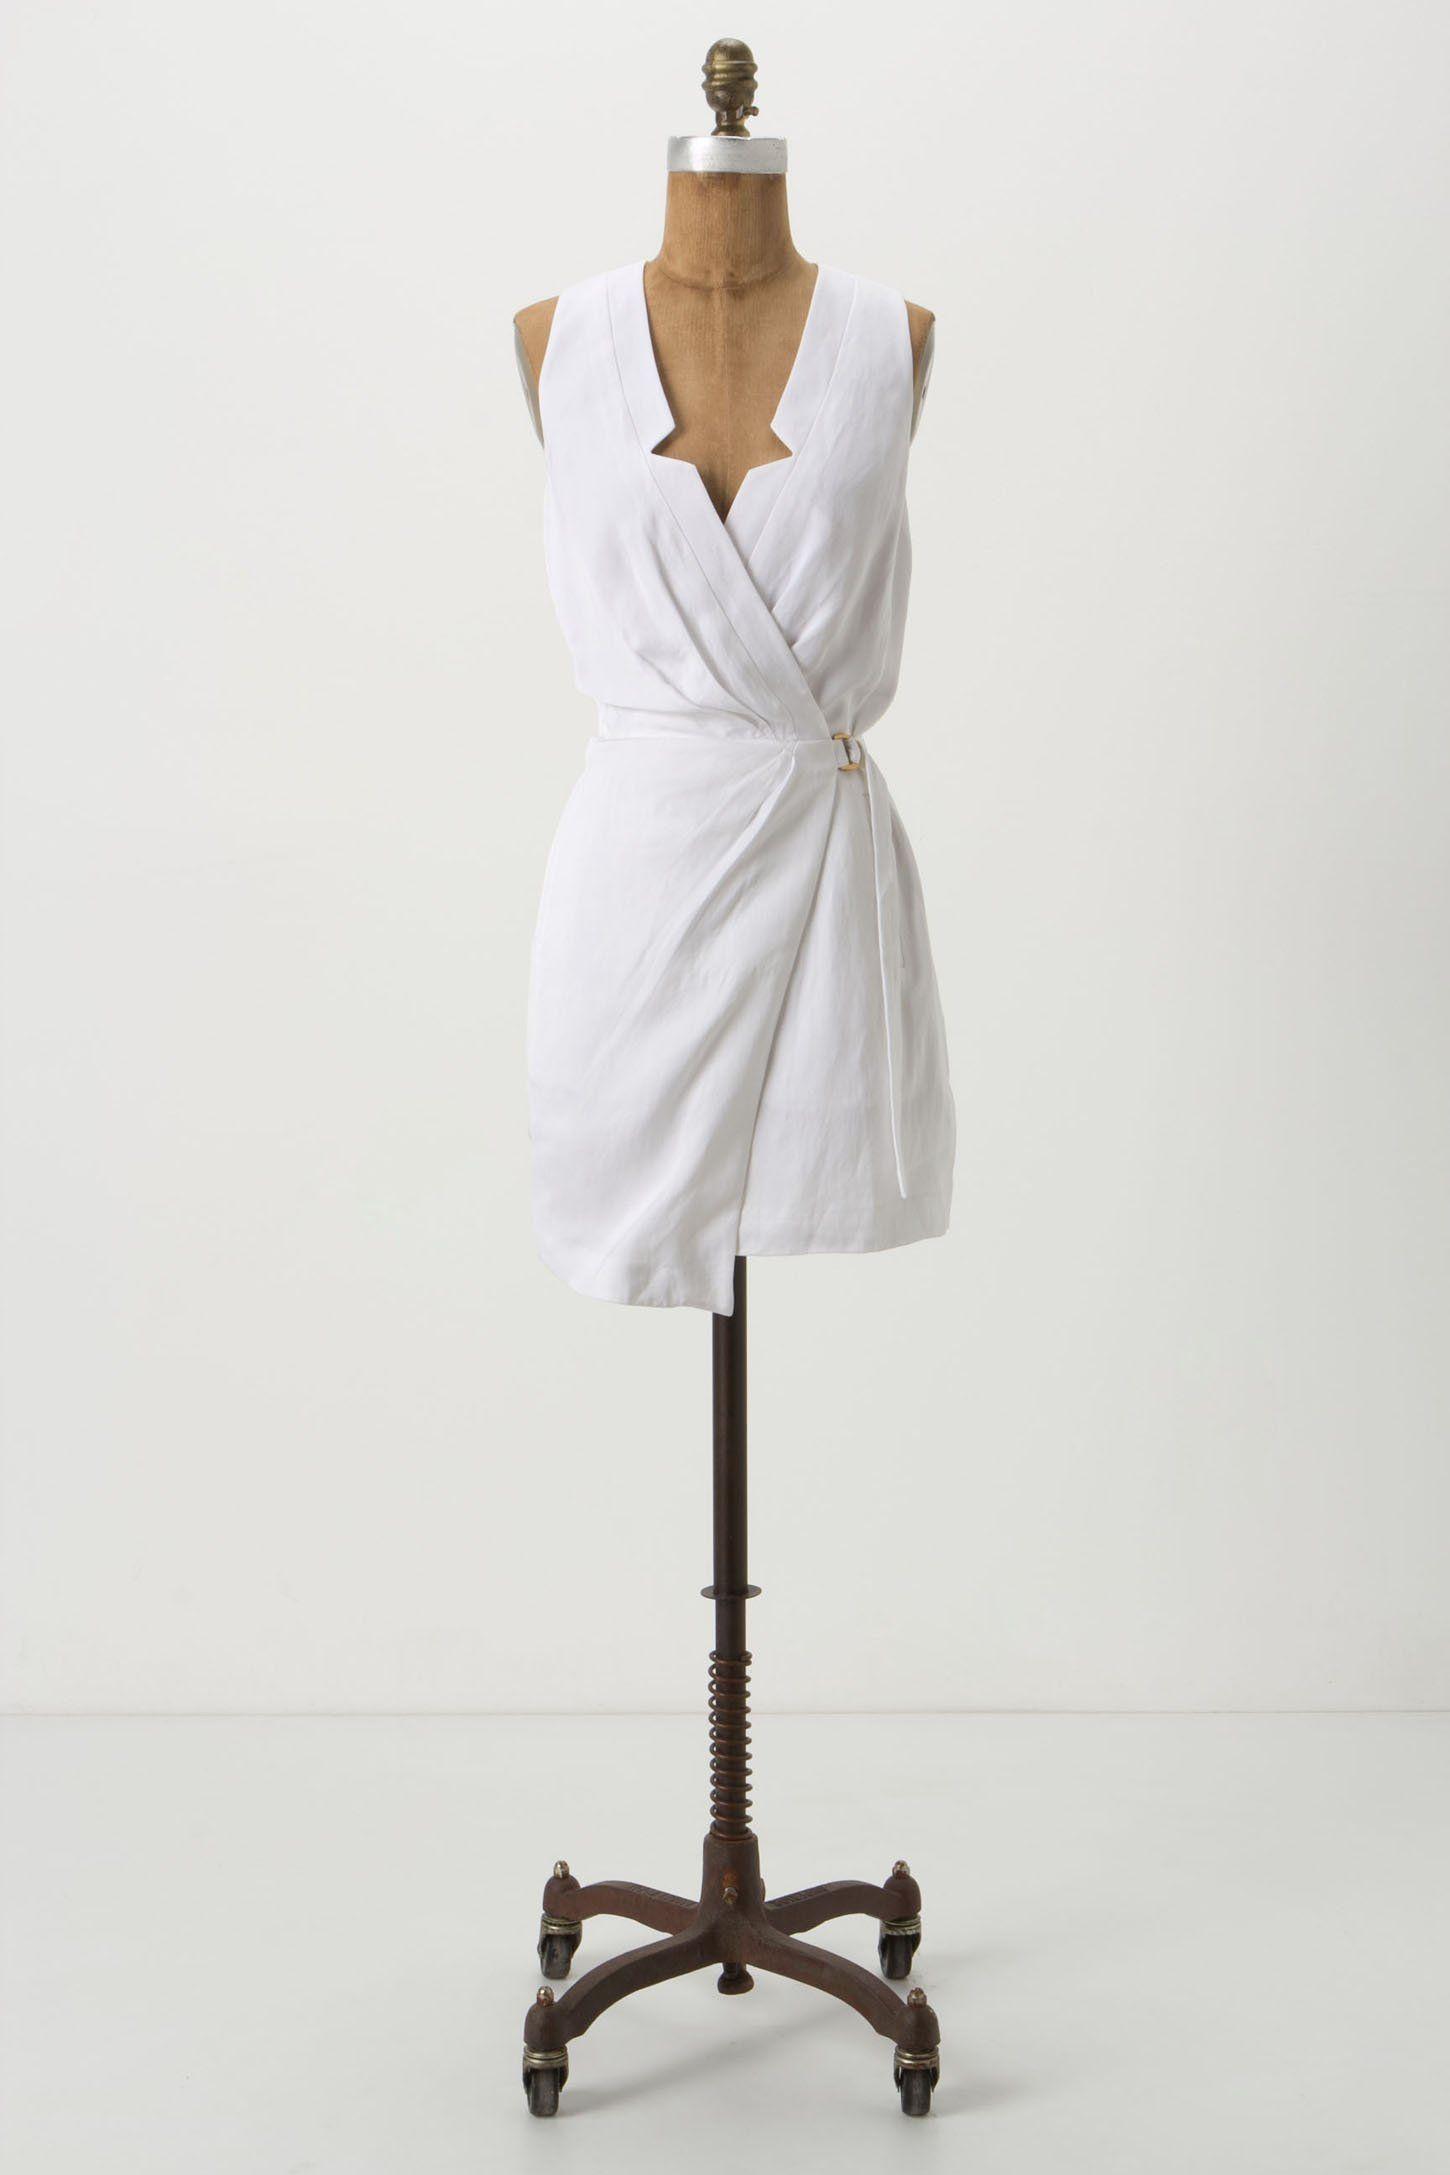 White Graduation Dresses with Vest